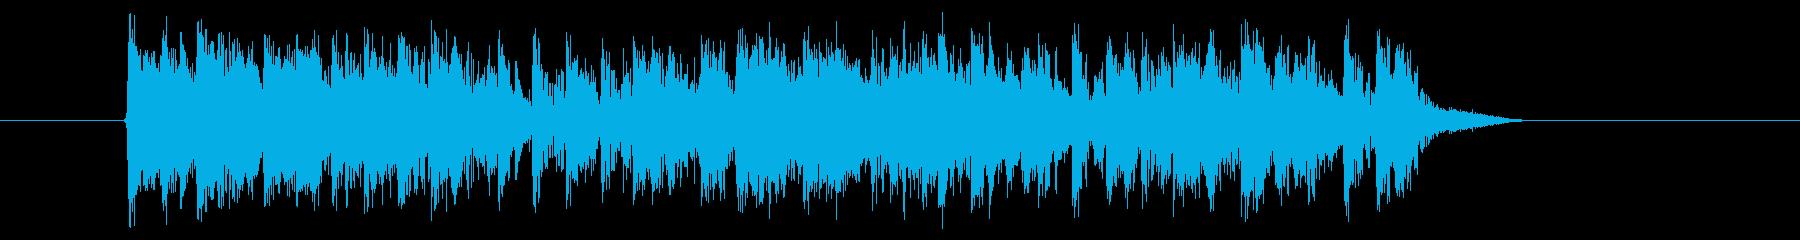 スピード感あふれるテクノの再生済みの波形